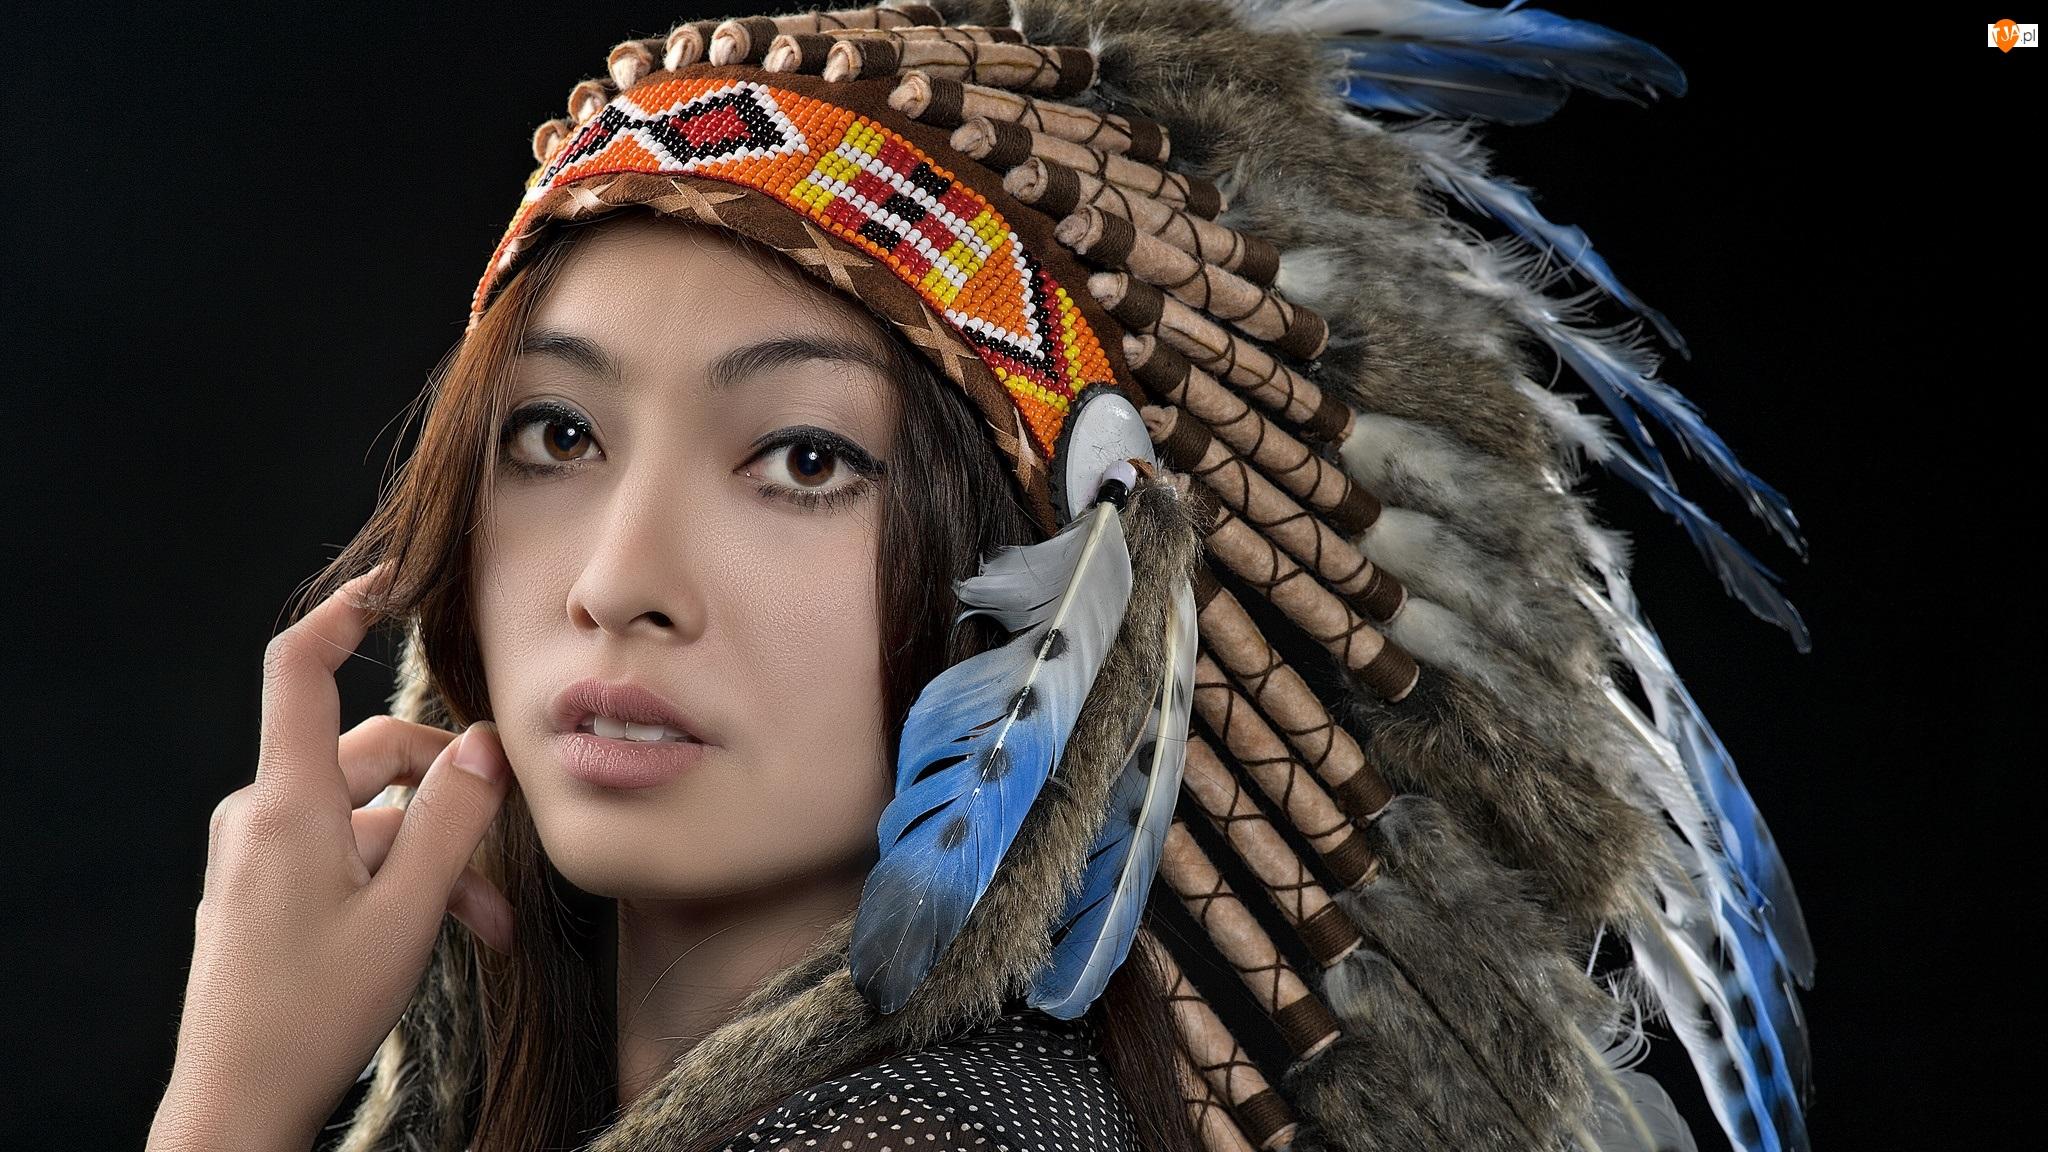 Pióropusz, Kobieta, Indianka